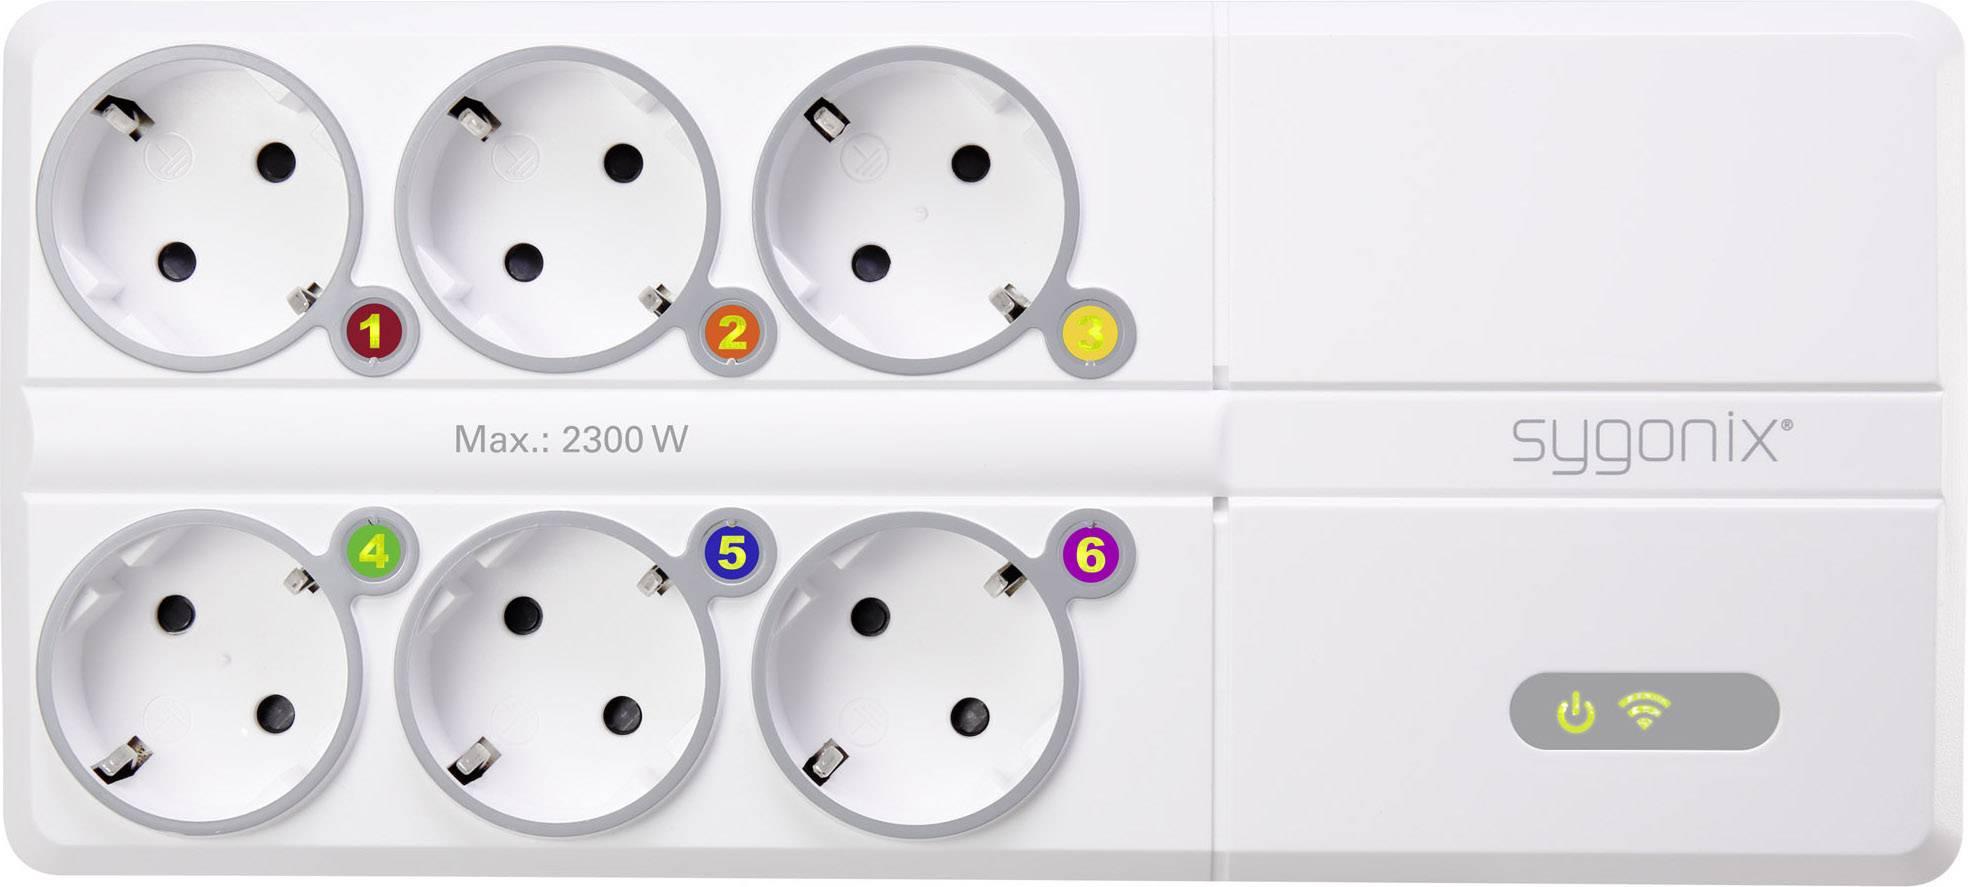 Inteligentná predlžovačka s Wi-Fi Sygonix CC1, počet zásuviek 6 + USB nabíjačka, 1.80 m, biela